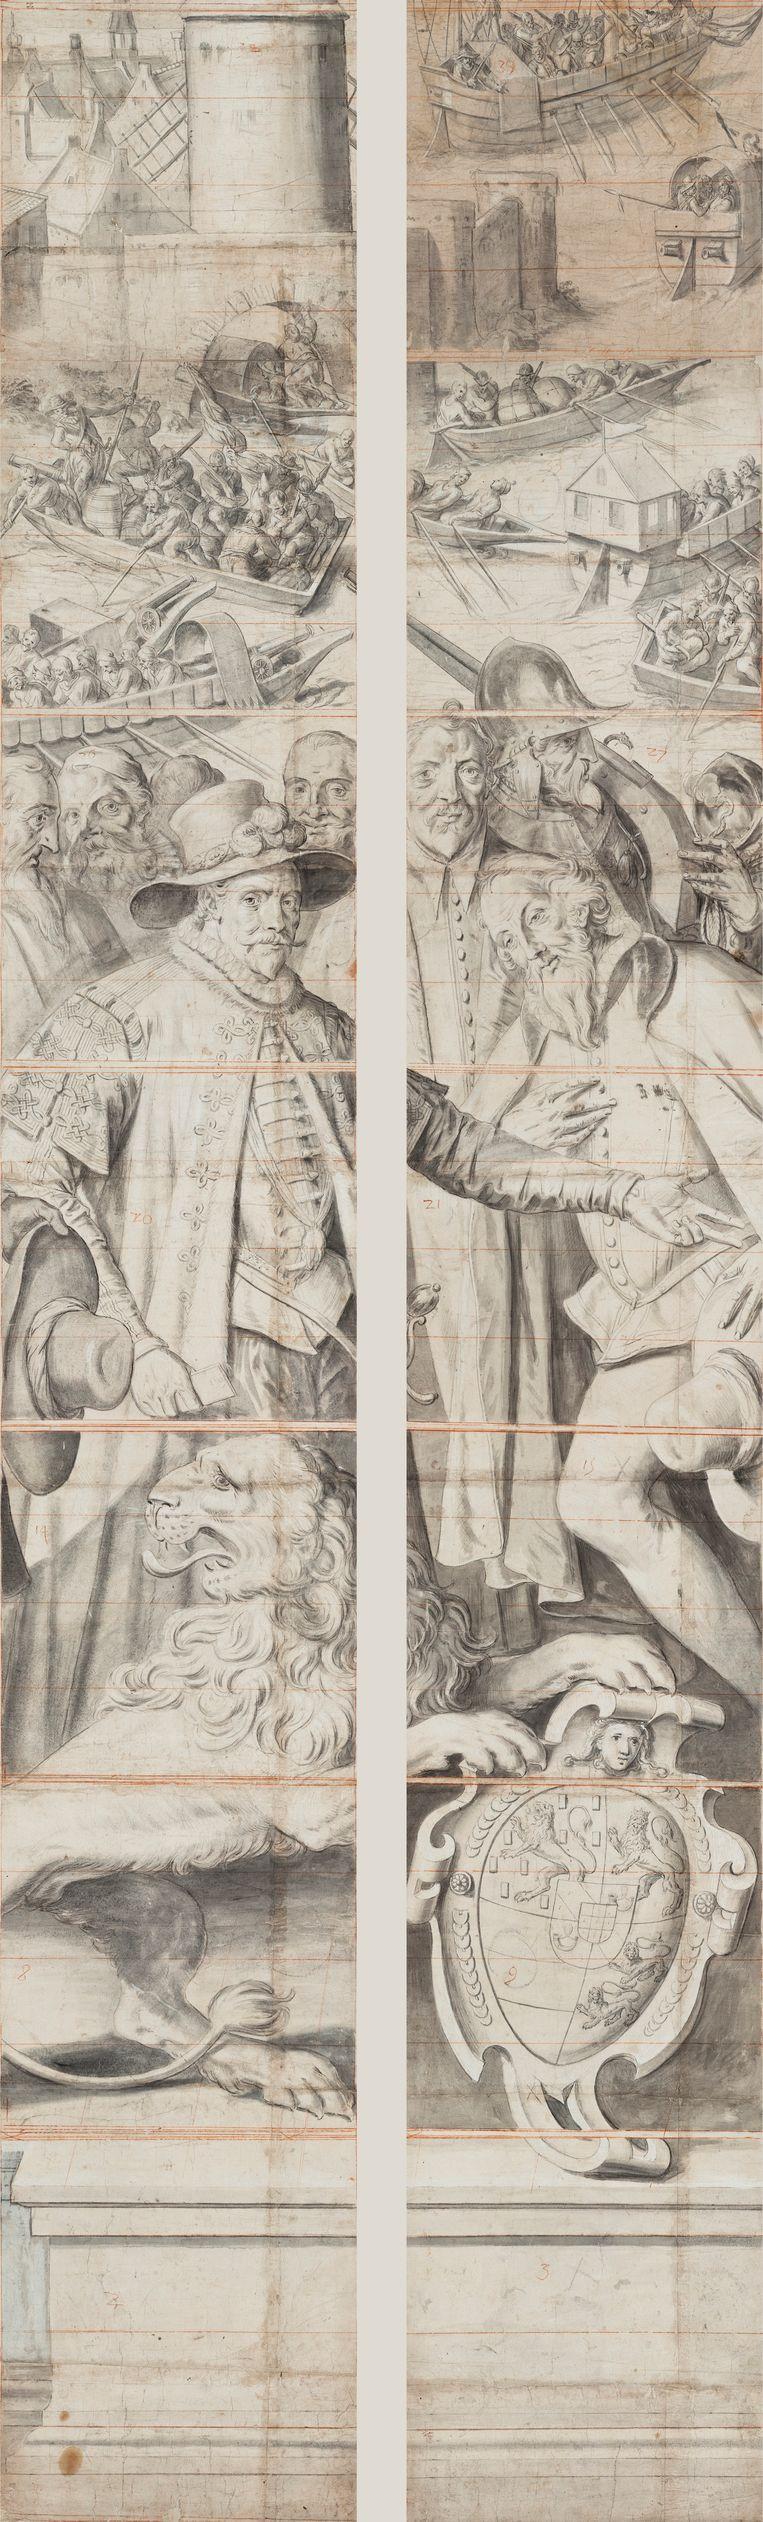 Twee stroken van het ontwerp voor het glas in loodraam voor de Sint-Jamskerk in Gouda, 1600-1602 Beeld Rijksmuseum